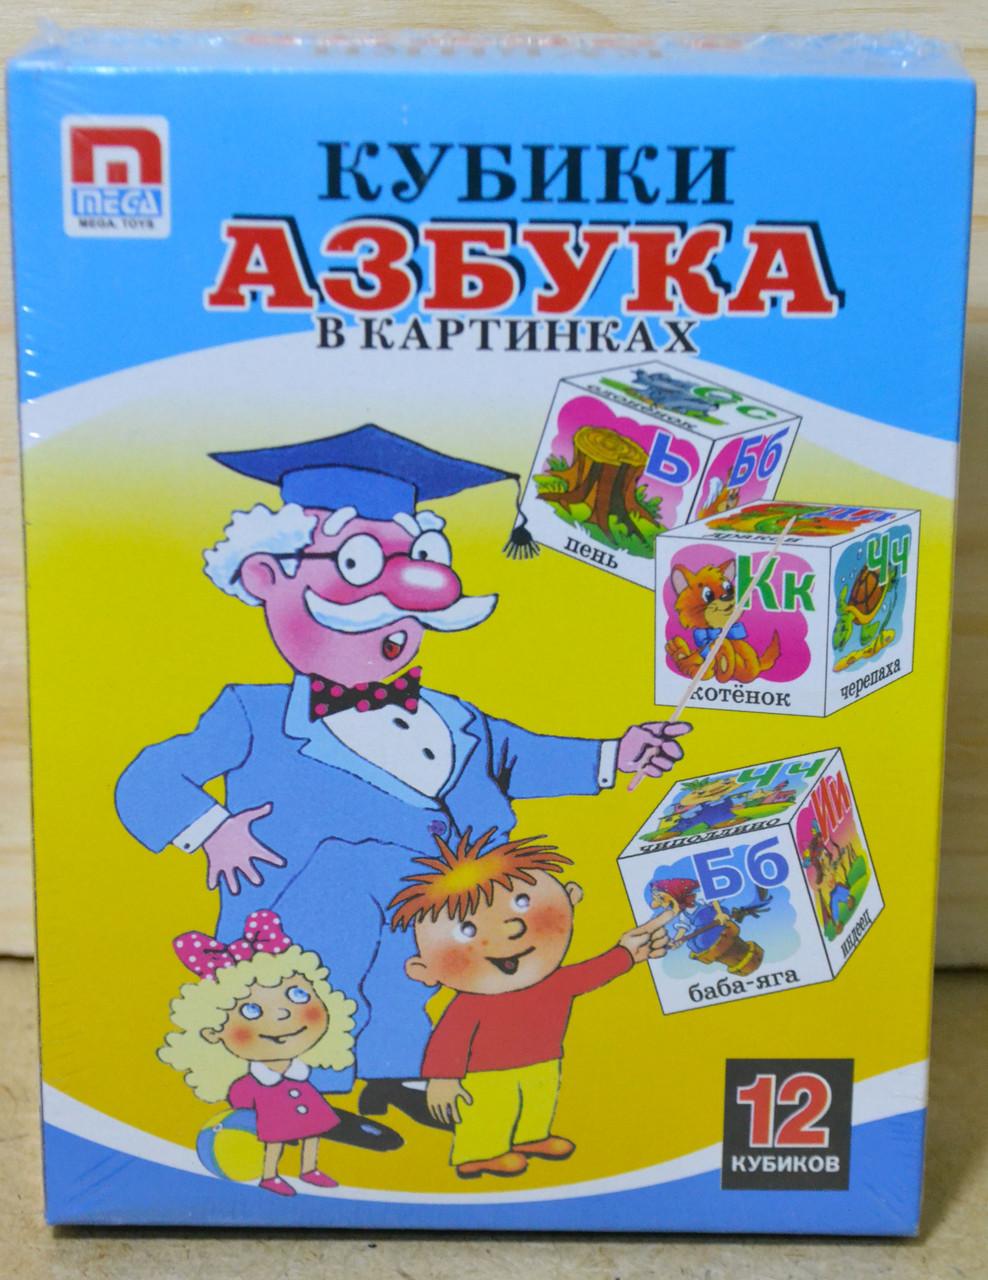 """61817 Кубики """"Азбука"""" в картинках 12шт,17*13см"""